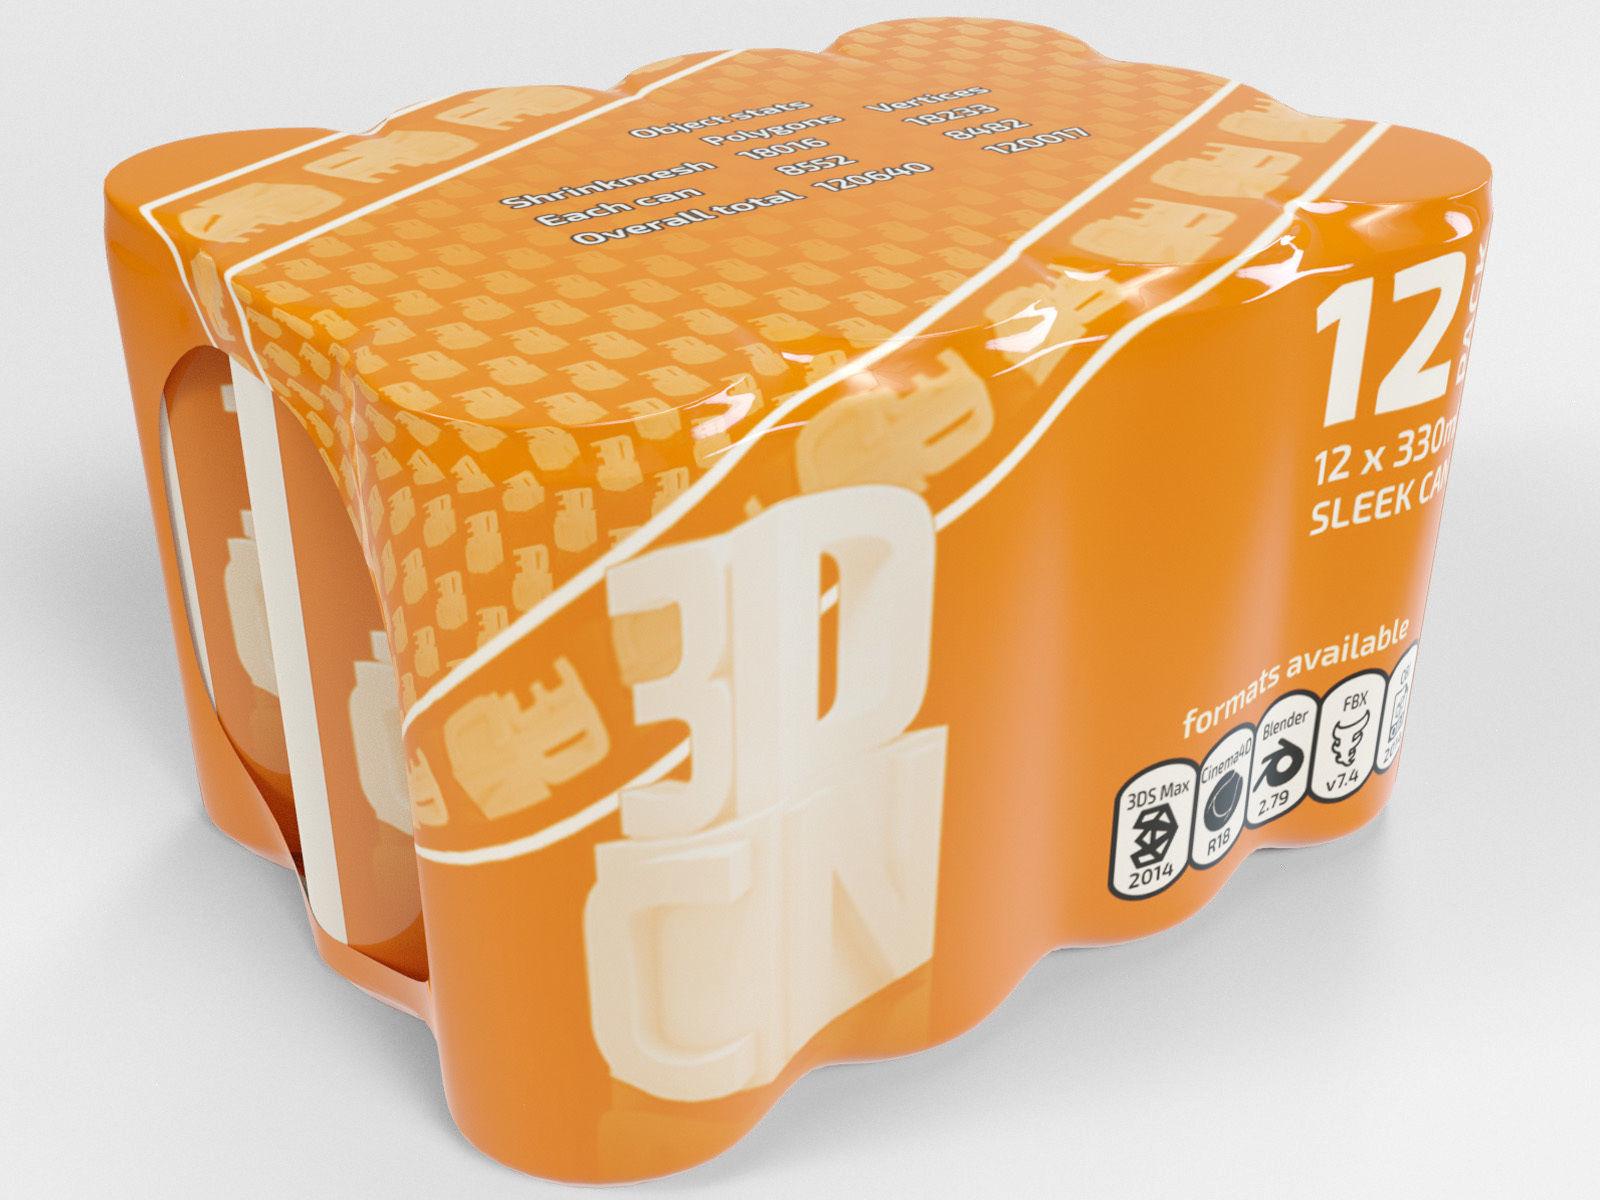 12 Shrinkwrapped 330ml Sleek beverage cans